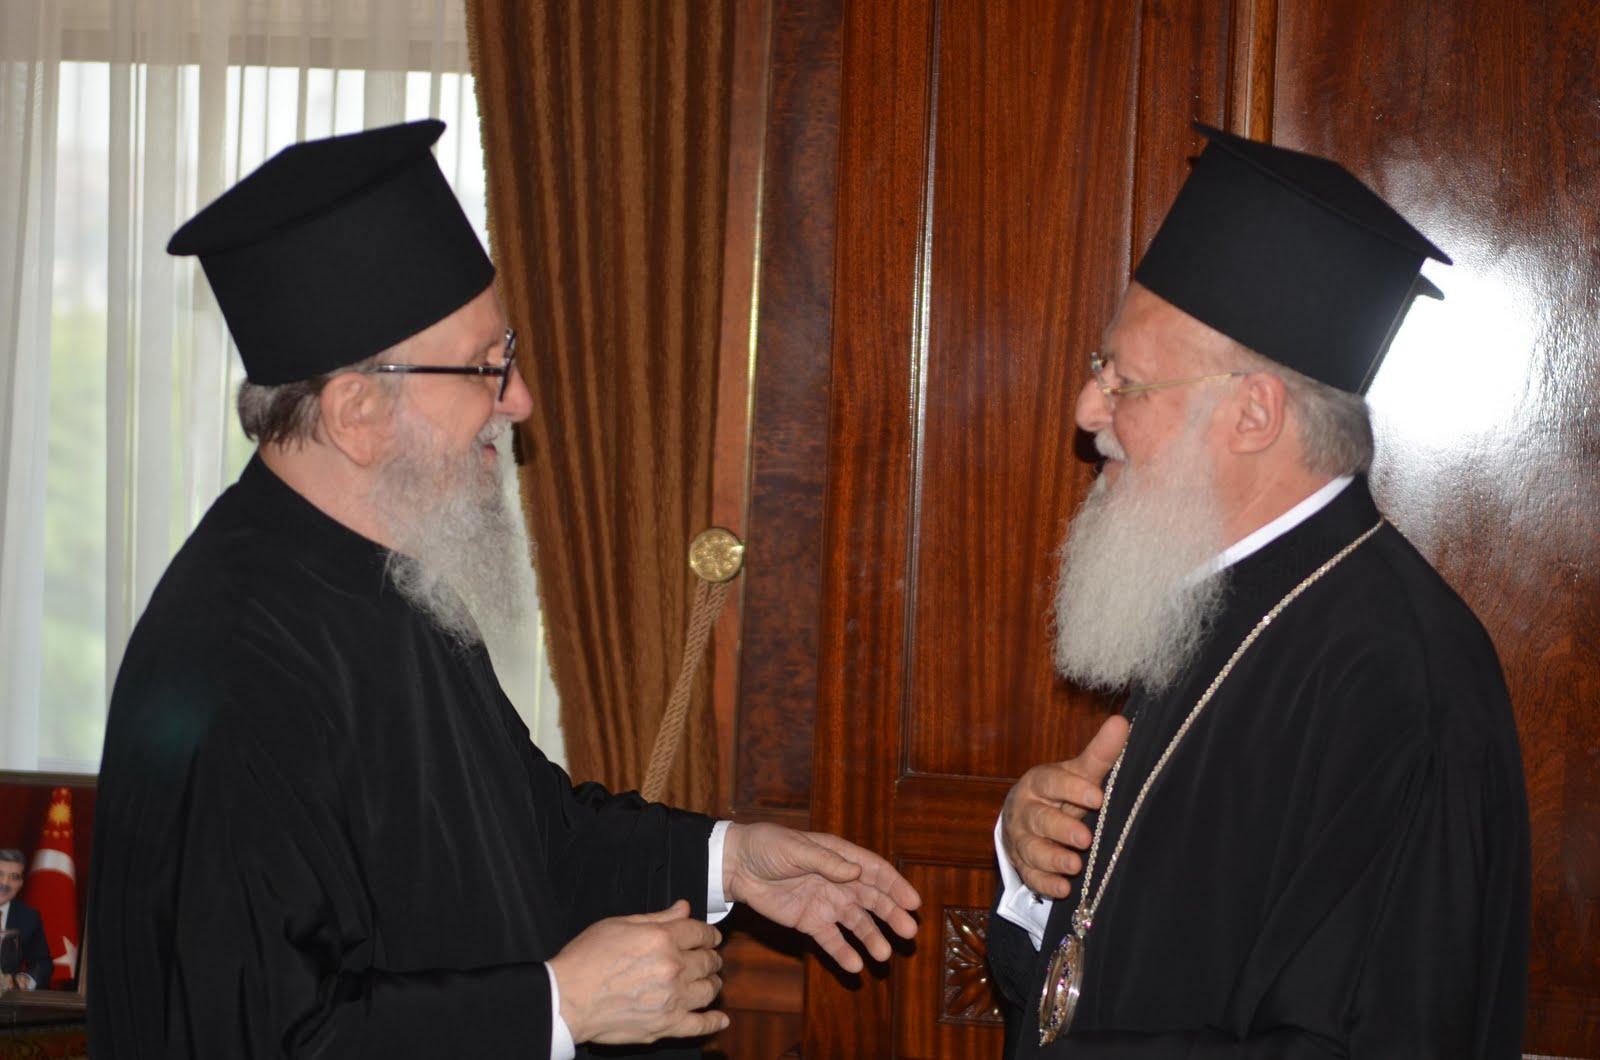 Διάλογοι-θρίλερ στο Φανάρι – Βαρθολομαίος: «Παραιτήσου» – Δημήτριος: «Οχι» – Ποιος αποκάλεσε «τουρκόσπορο» τον Πατριάρχη